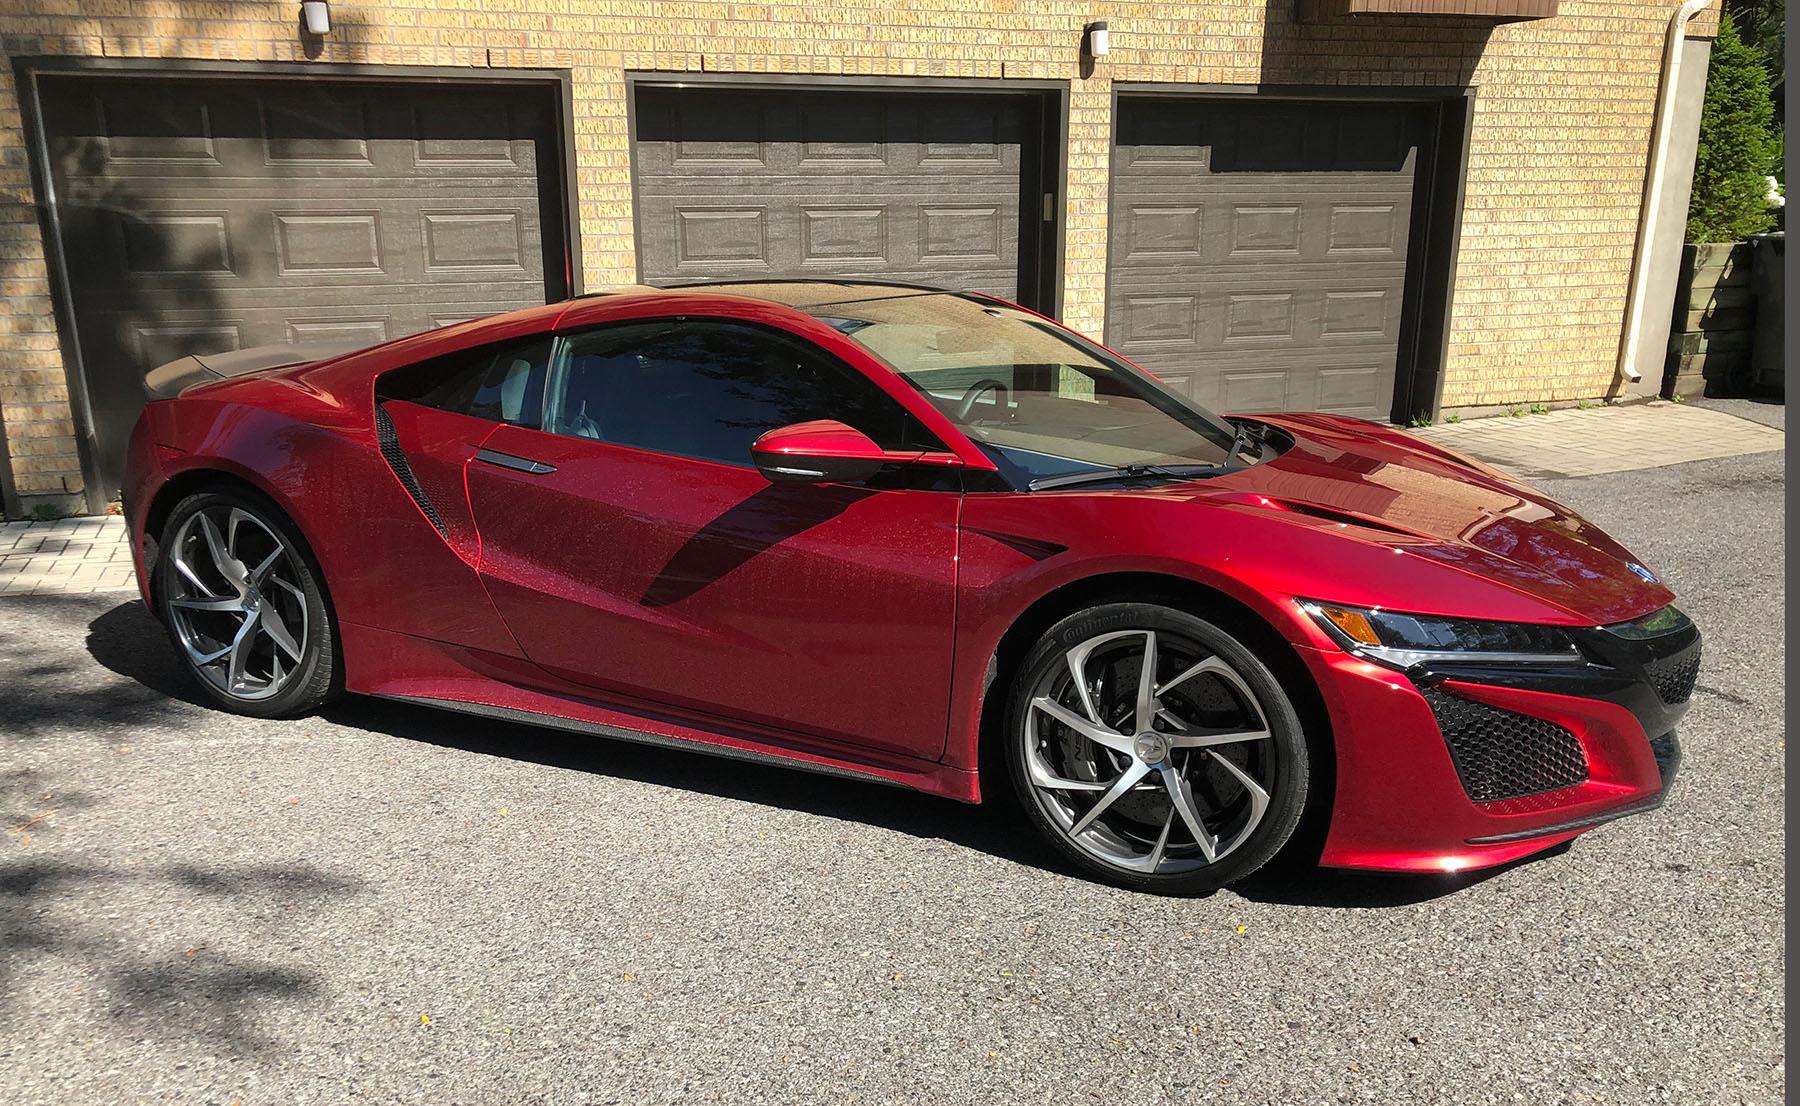 2018 Acura NSX main image